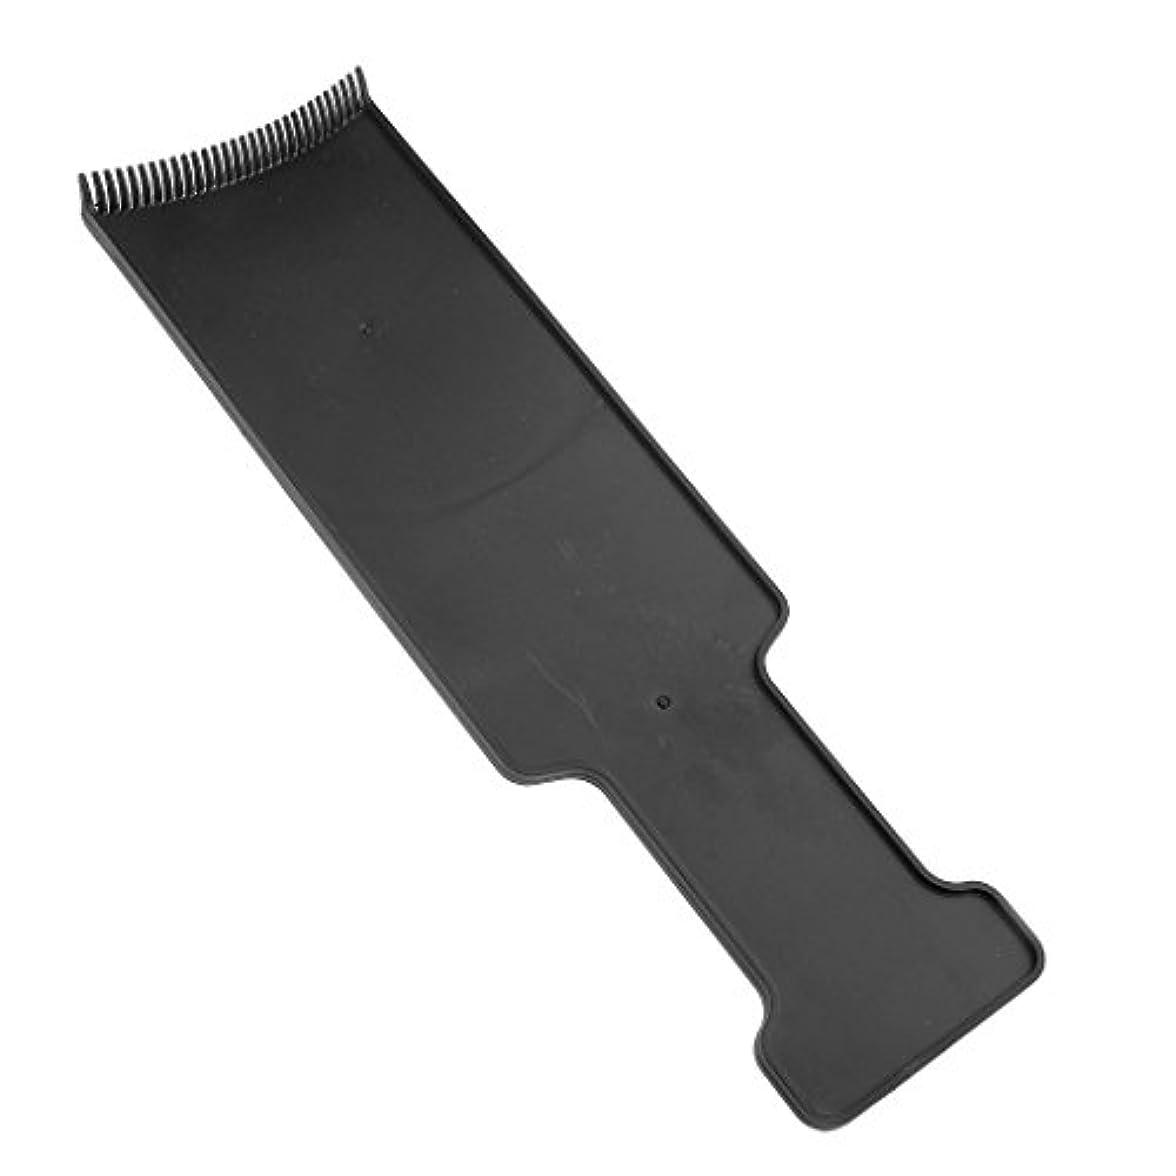 異なる布透けるBaosity サロン ヘアカラー ボード ヘア 染色 ツール ブラック 全4サイズ - M